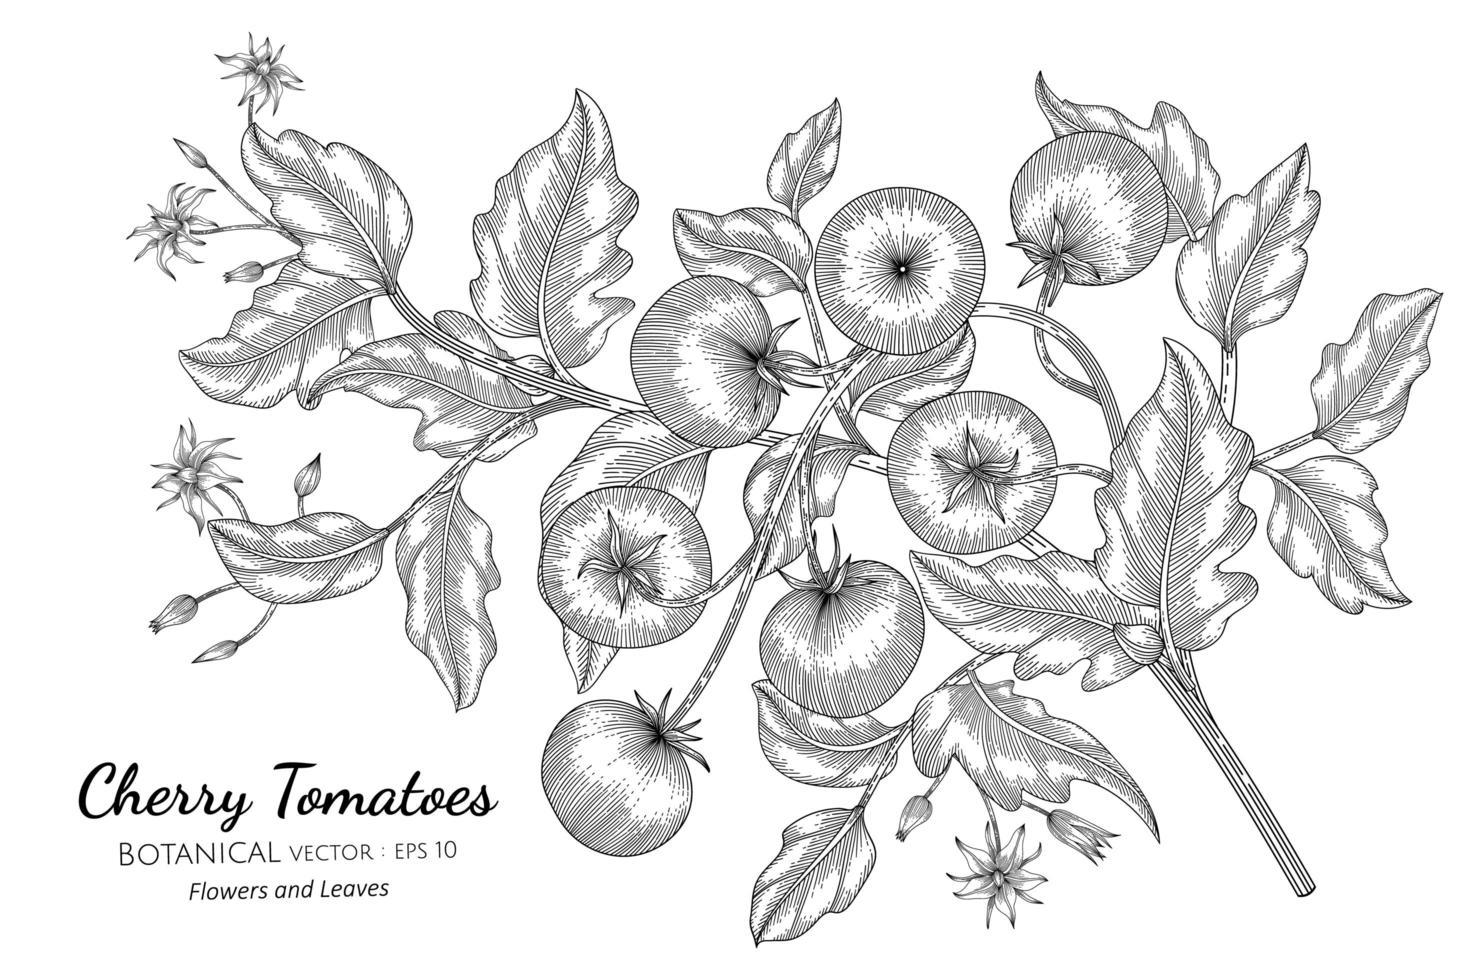 tomate cereja desenhado à mão ilustração botânica com arte em fundo branco vetor